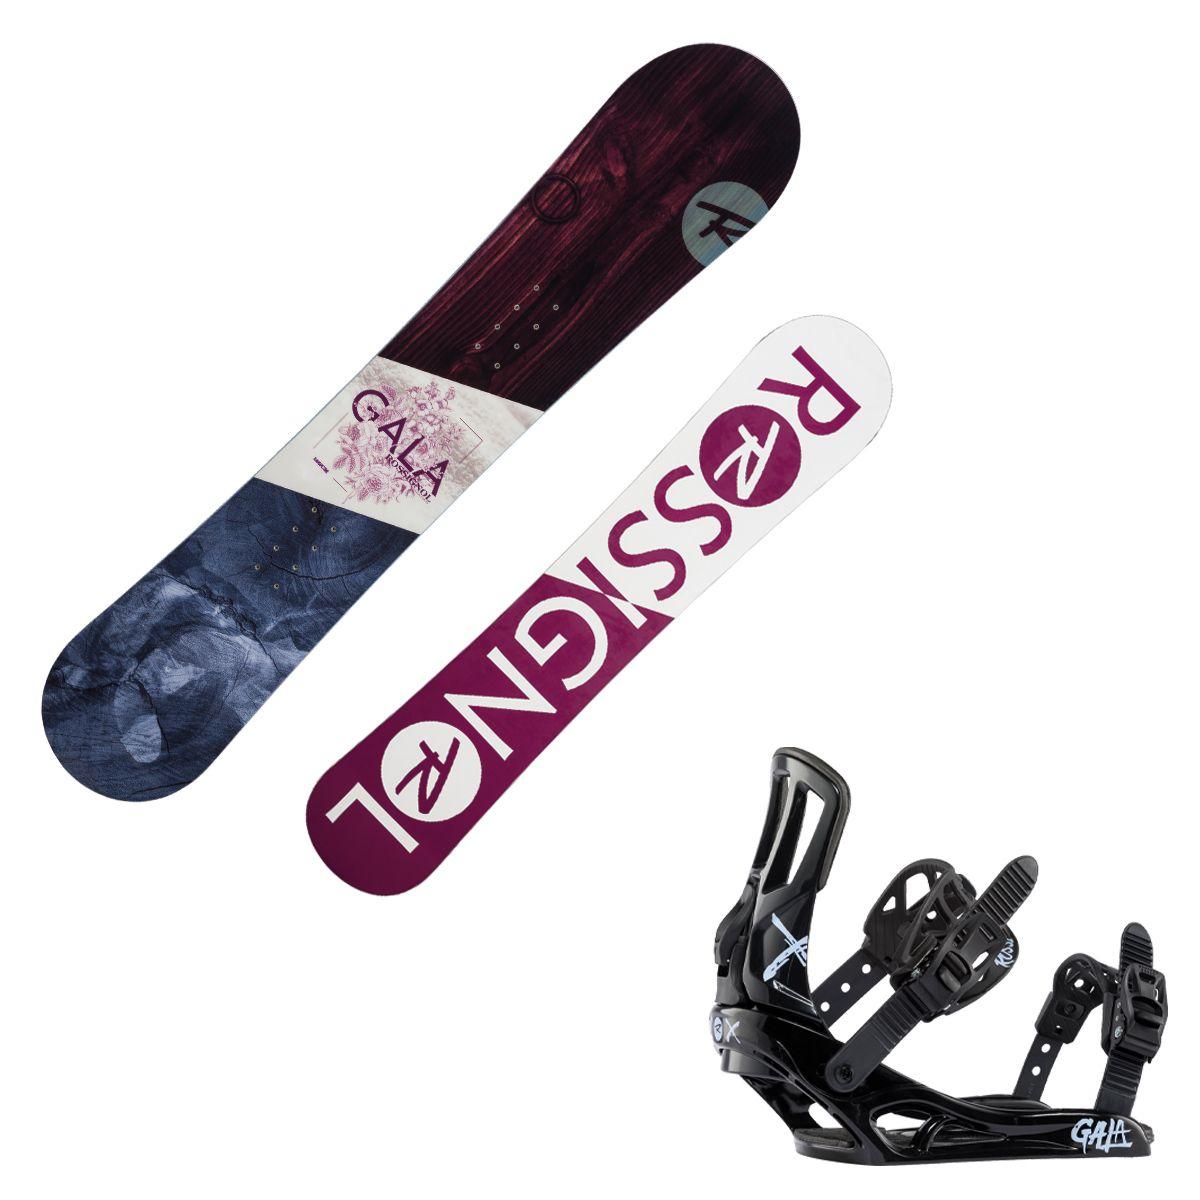 Snowboard Rossignol Gala con attacchi Gala S/M (Colore: fantasia, Taglia: 142)